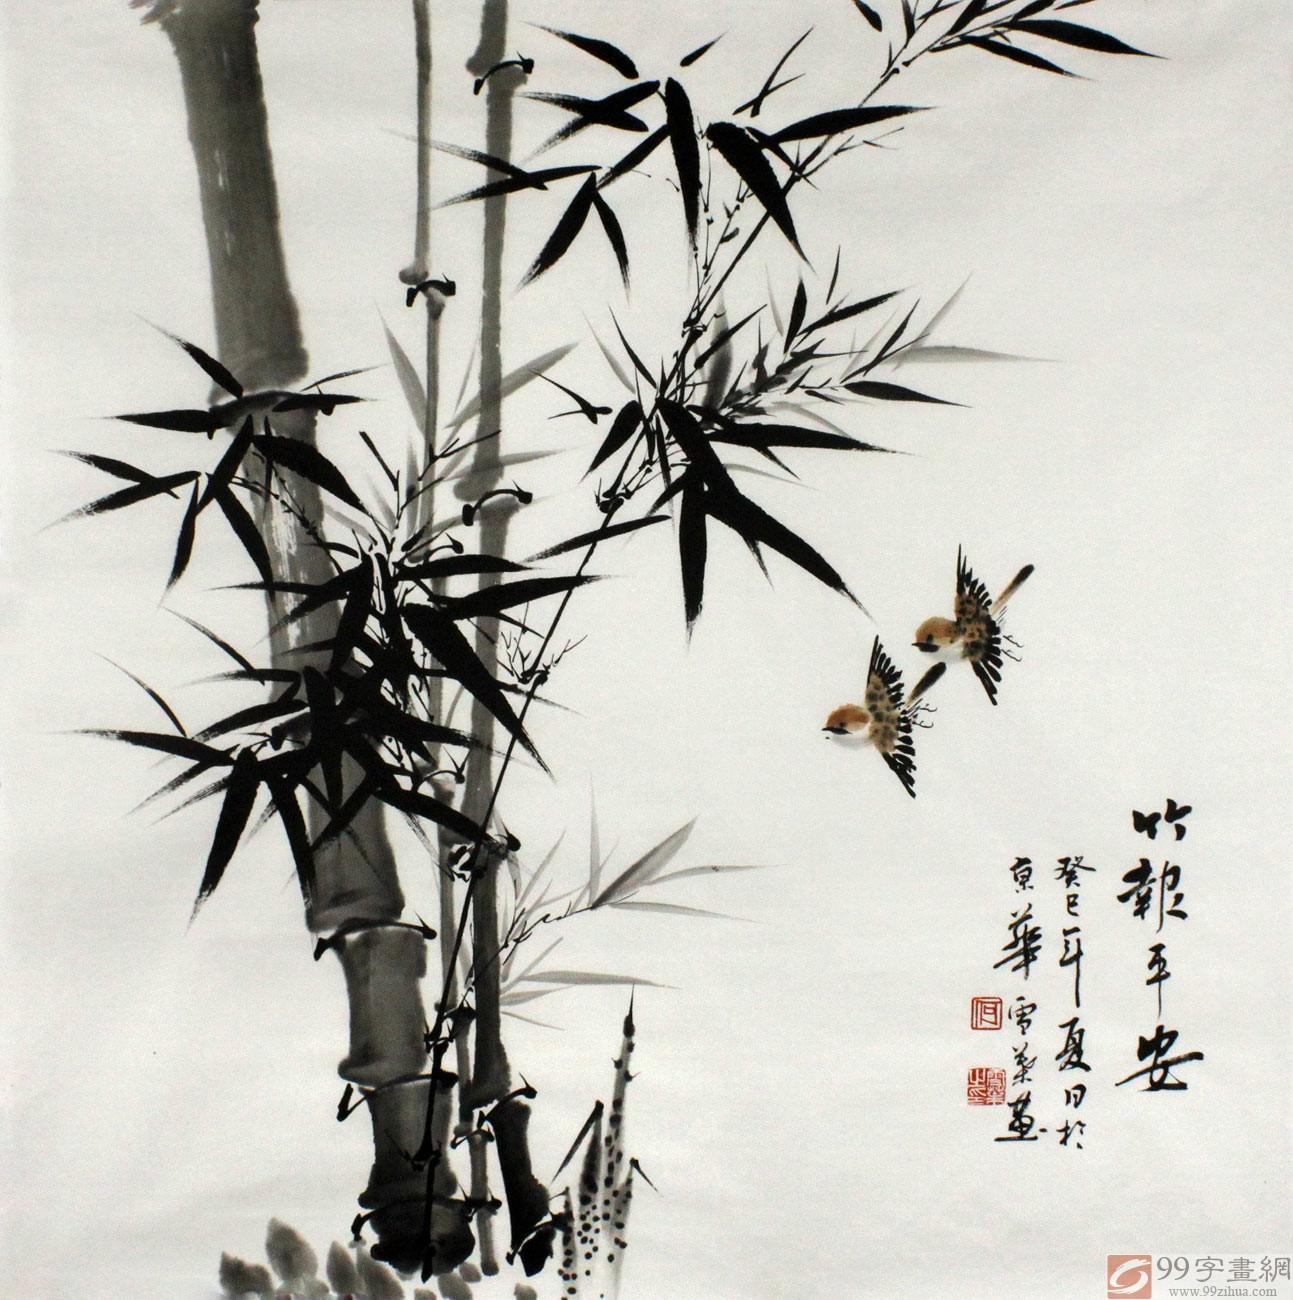 何华贤,笔名雪叶,1954年生于安徽阜阳, 中国美术家协会安徽分会会员,中国当代书画艺术研究会副会长, 中国书画家联谊会理事、中国书画院高级院士,安徽画院一级美术师。 作品发表于《国画家》、《中国书画报》、《中国文化报》、《文艺报》、《中国收藏杂志》、《当代著名书画家精品集》等多种刊物,作品竹韵、梅花魂被军事博物院永久收藏,作品颍淮人家被国家图书馆收藏。